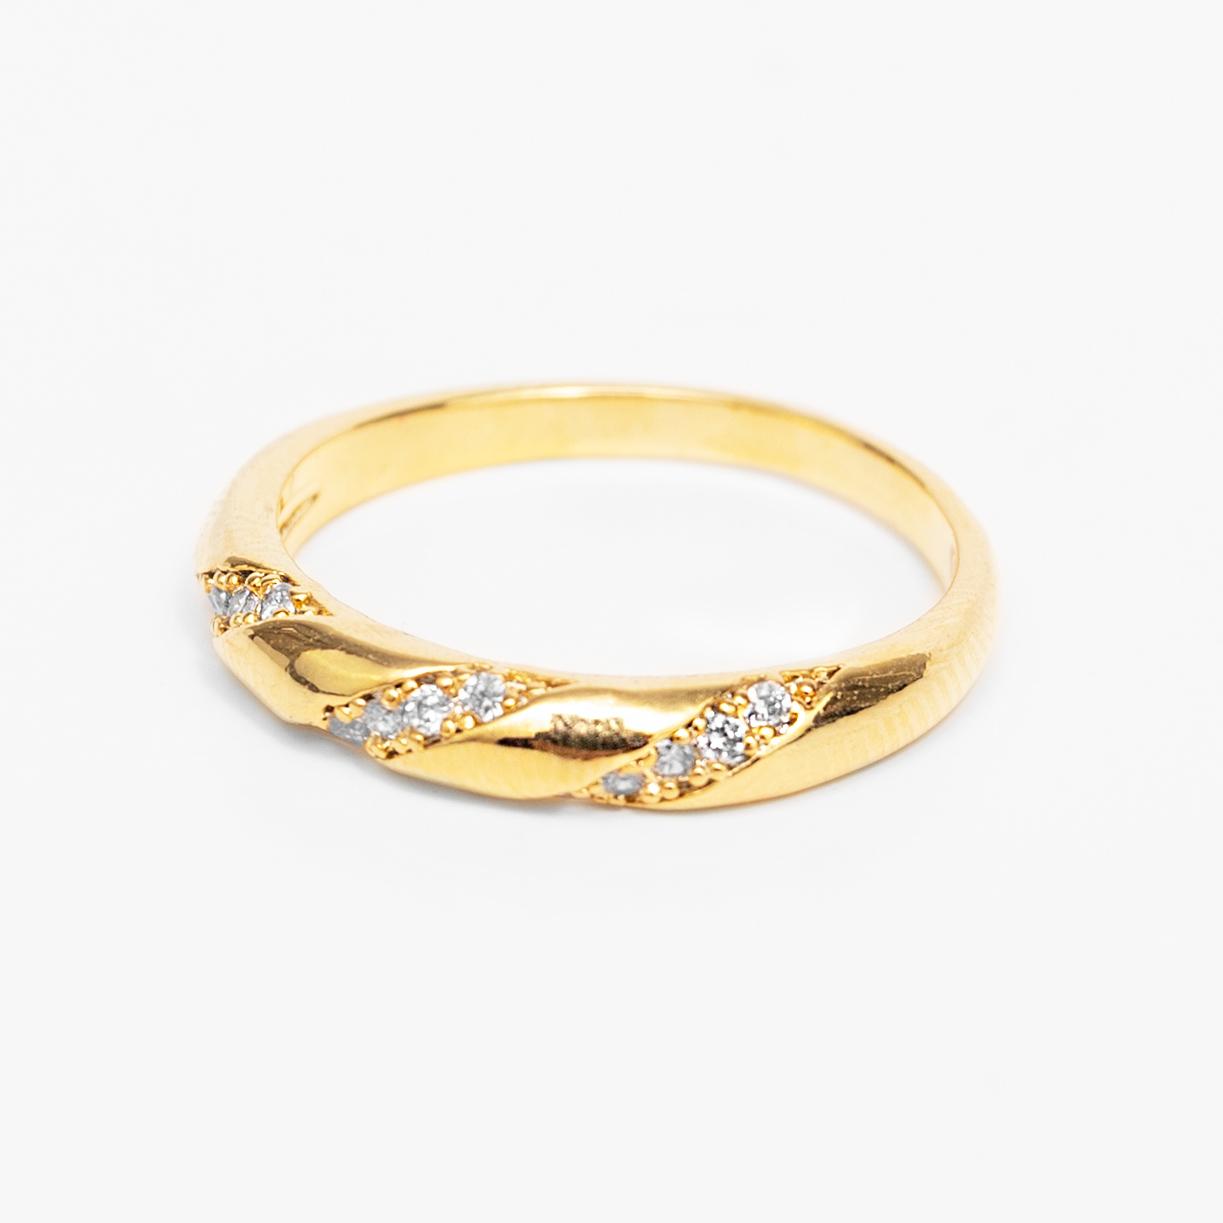 Anel Detalhe Trançado Cravejado Zircônias Folheado Ouro 18k  - Lunozê Joias